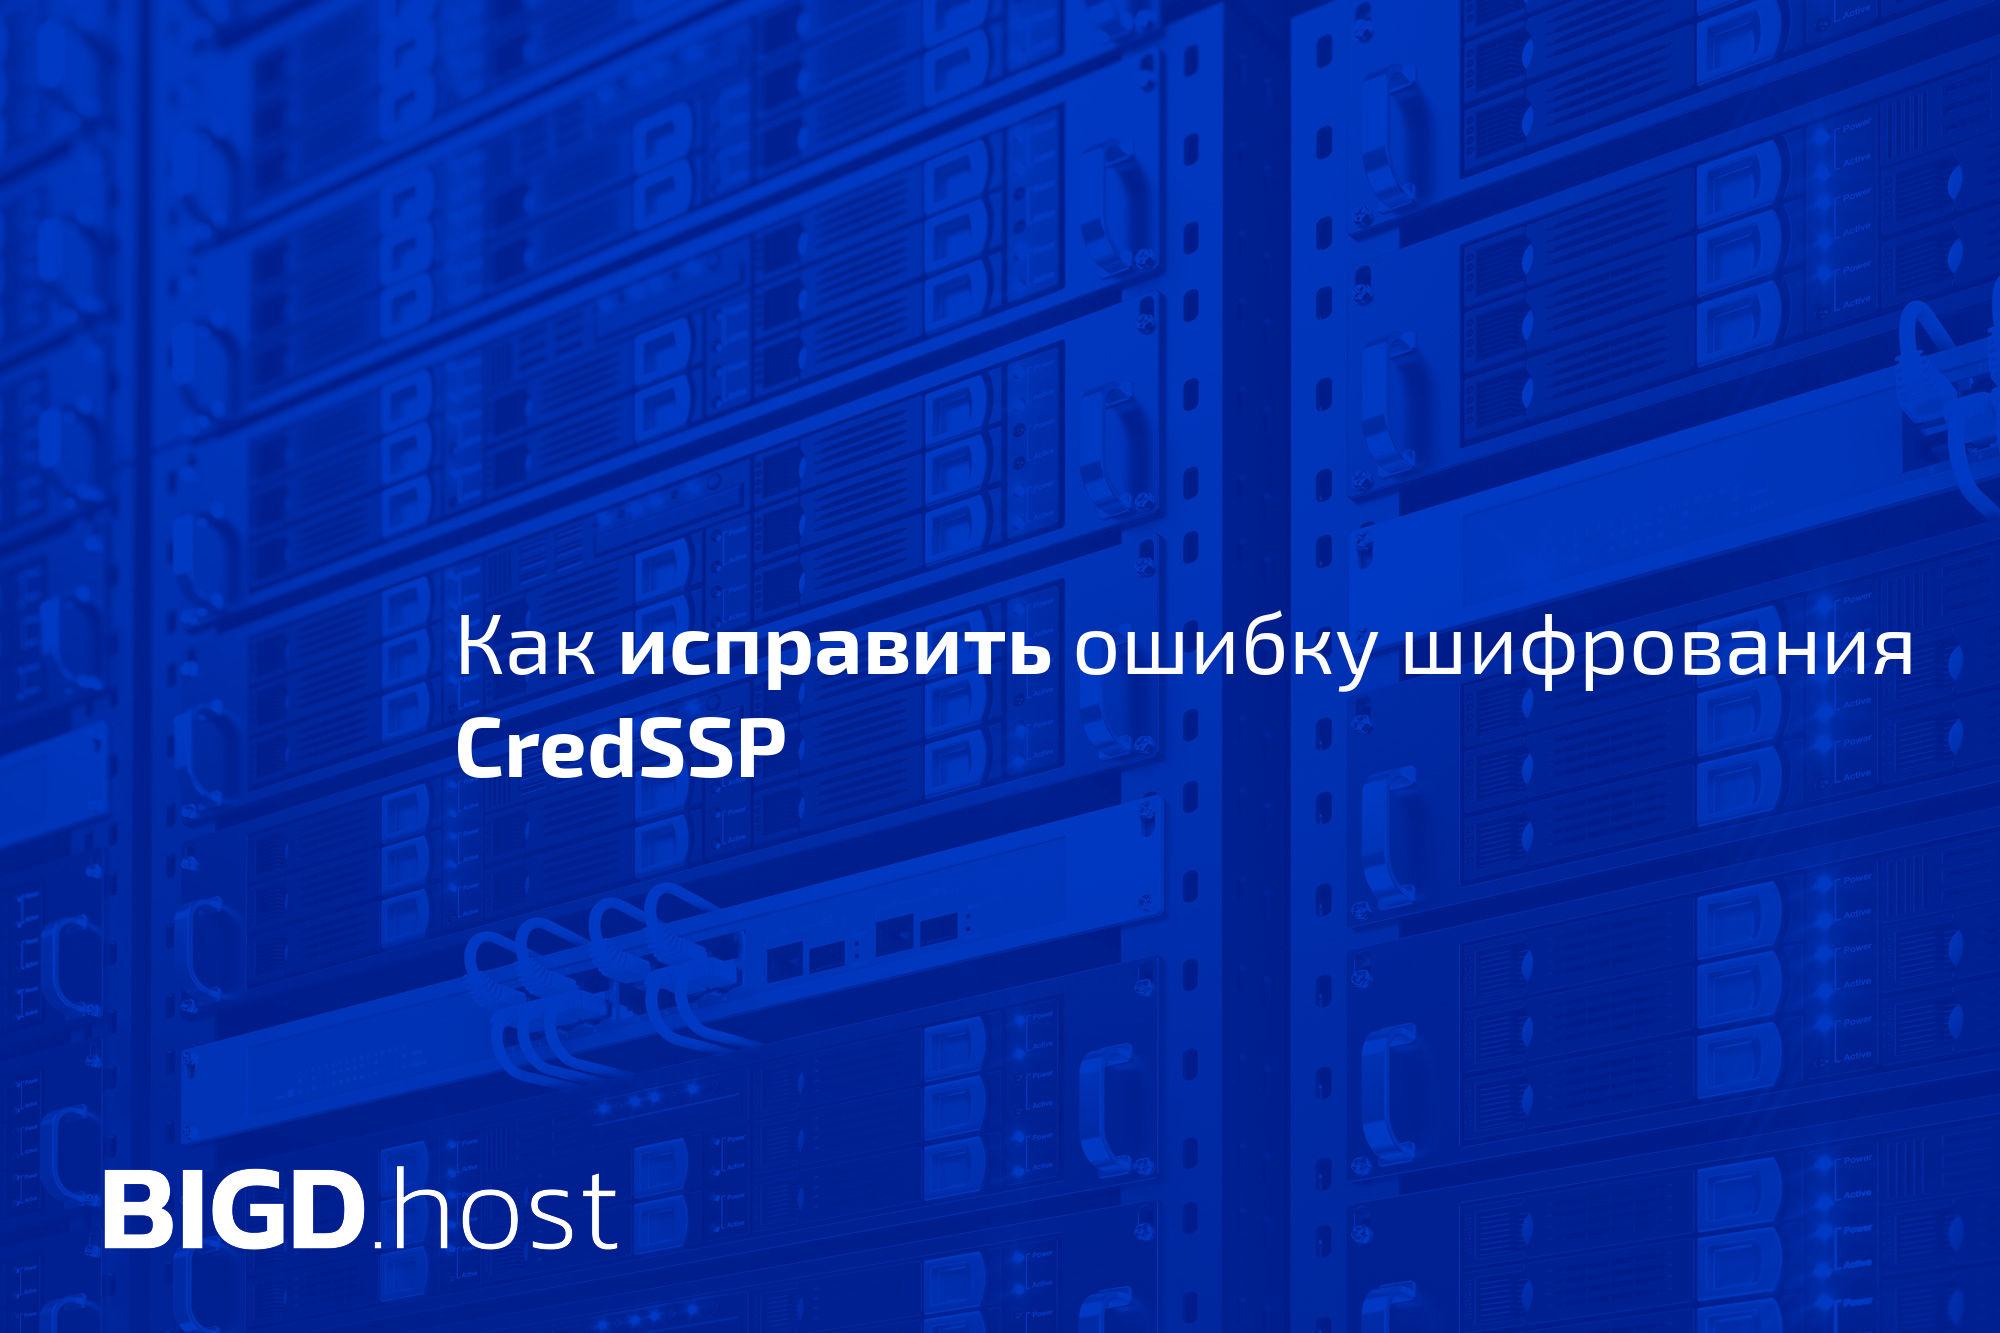 VPS CredSSP error.